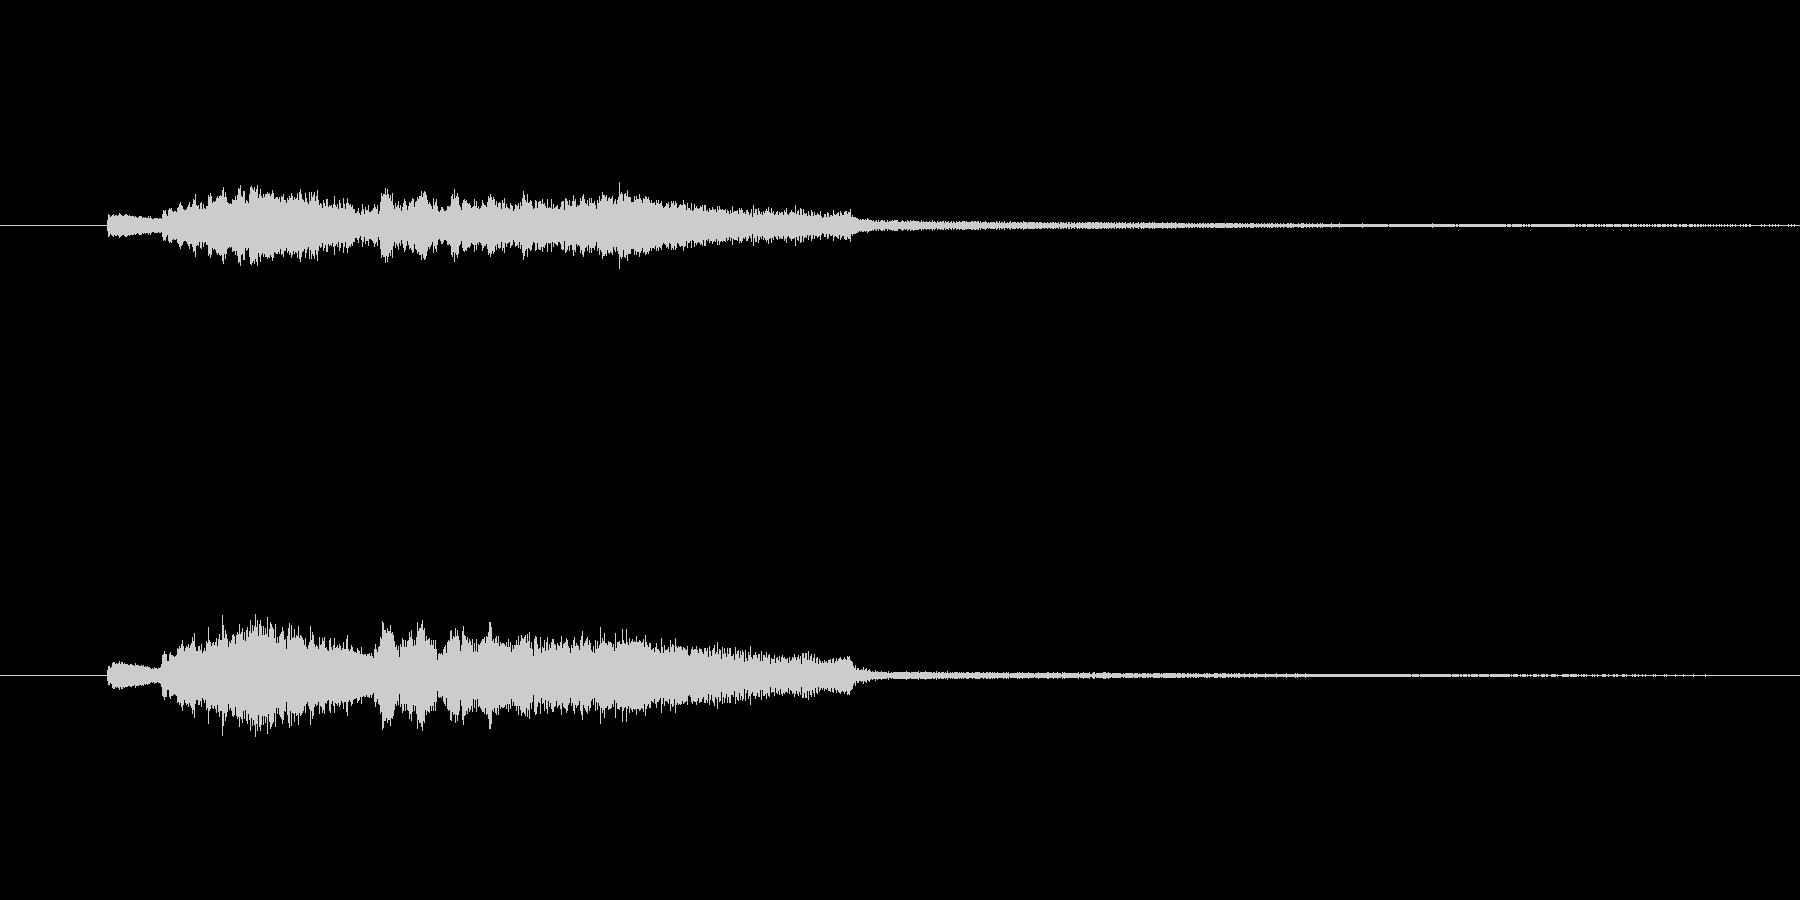 キラキラしたしぼむ音の未再生の波形